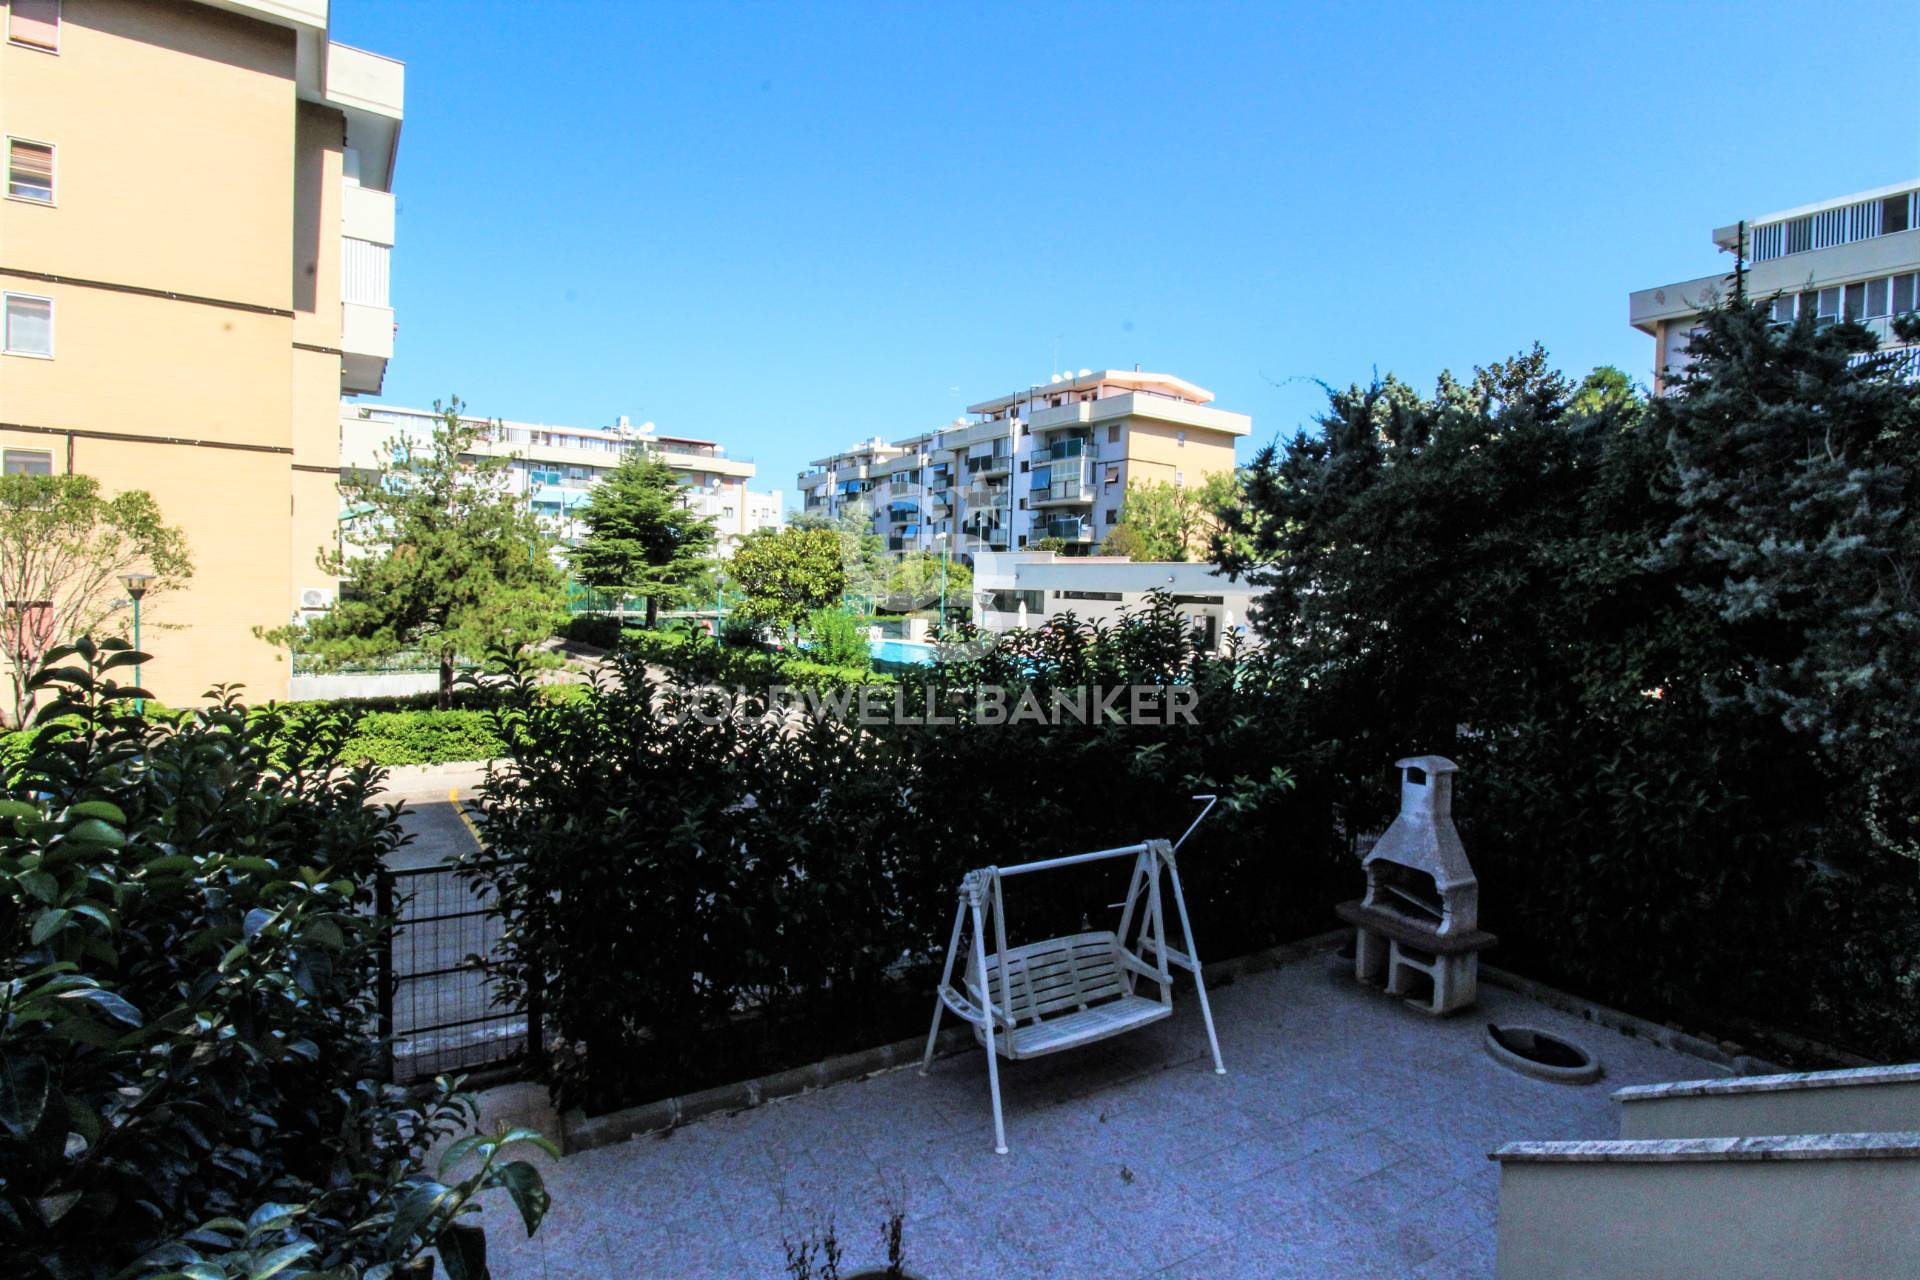 Appartamento in vendita a Brindisi, 6 locali, zona ano, prezzo € 180.000 | PortaleAgenzieImmobiliari.it